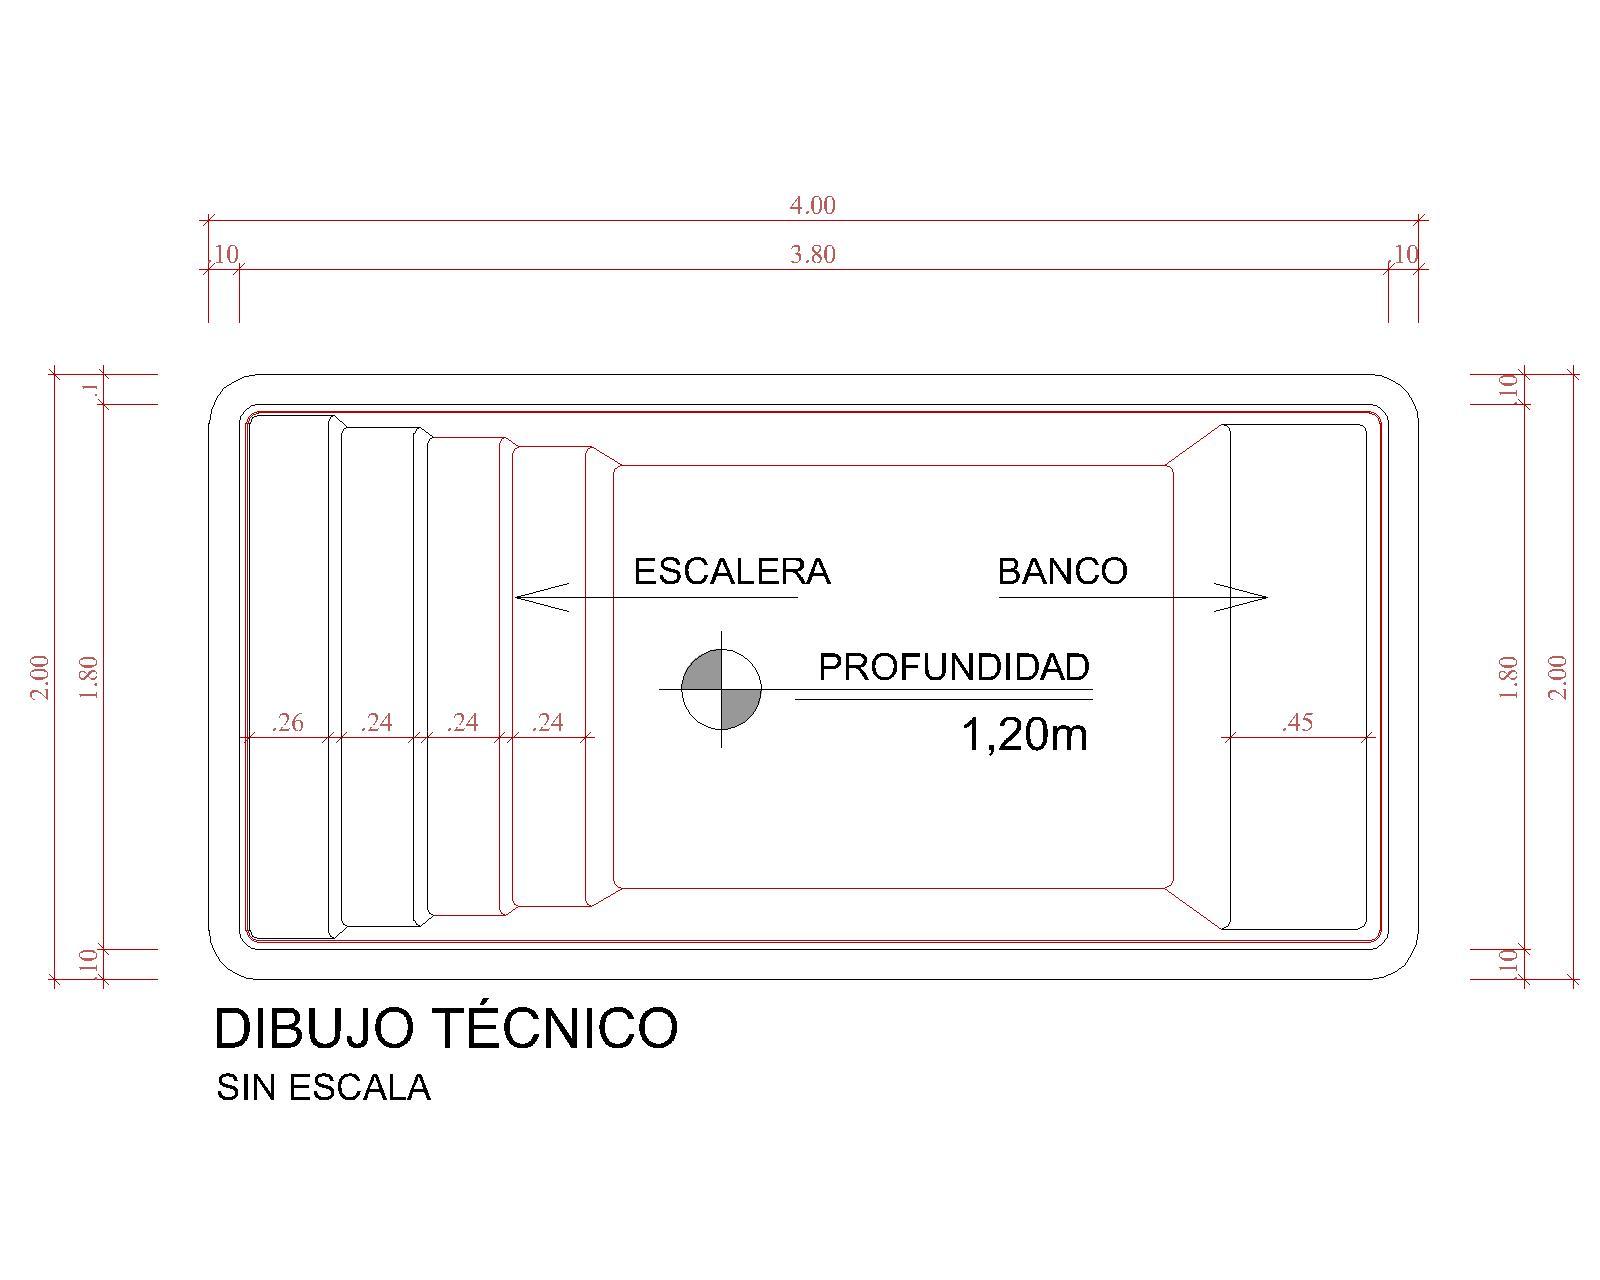 Dibujos técnicos Panamá (sin escala)